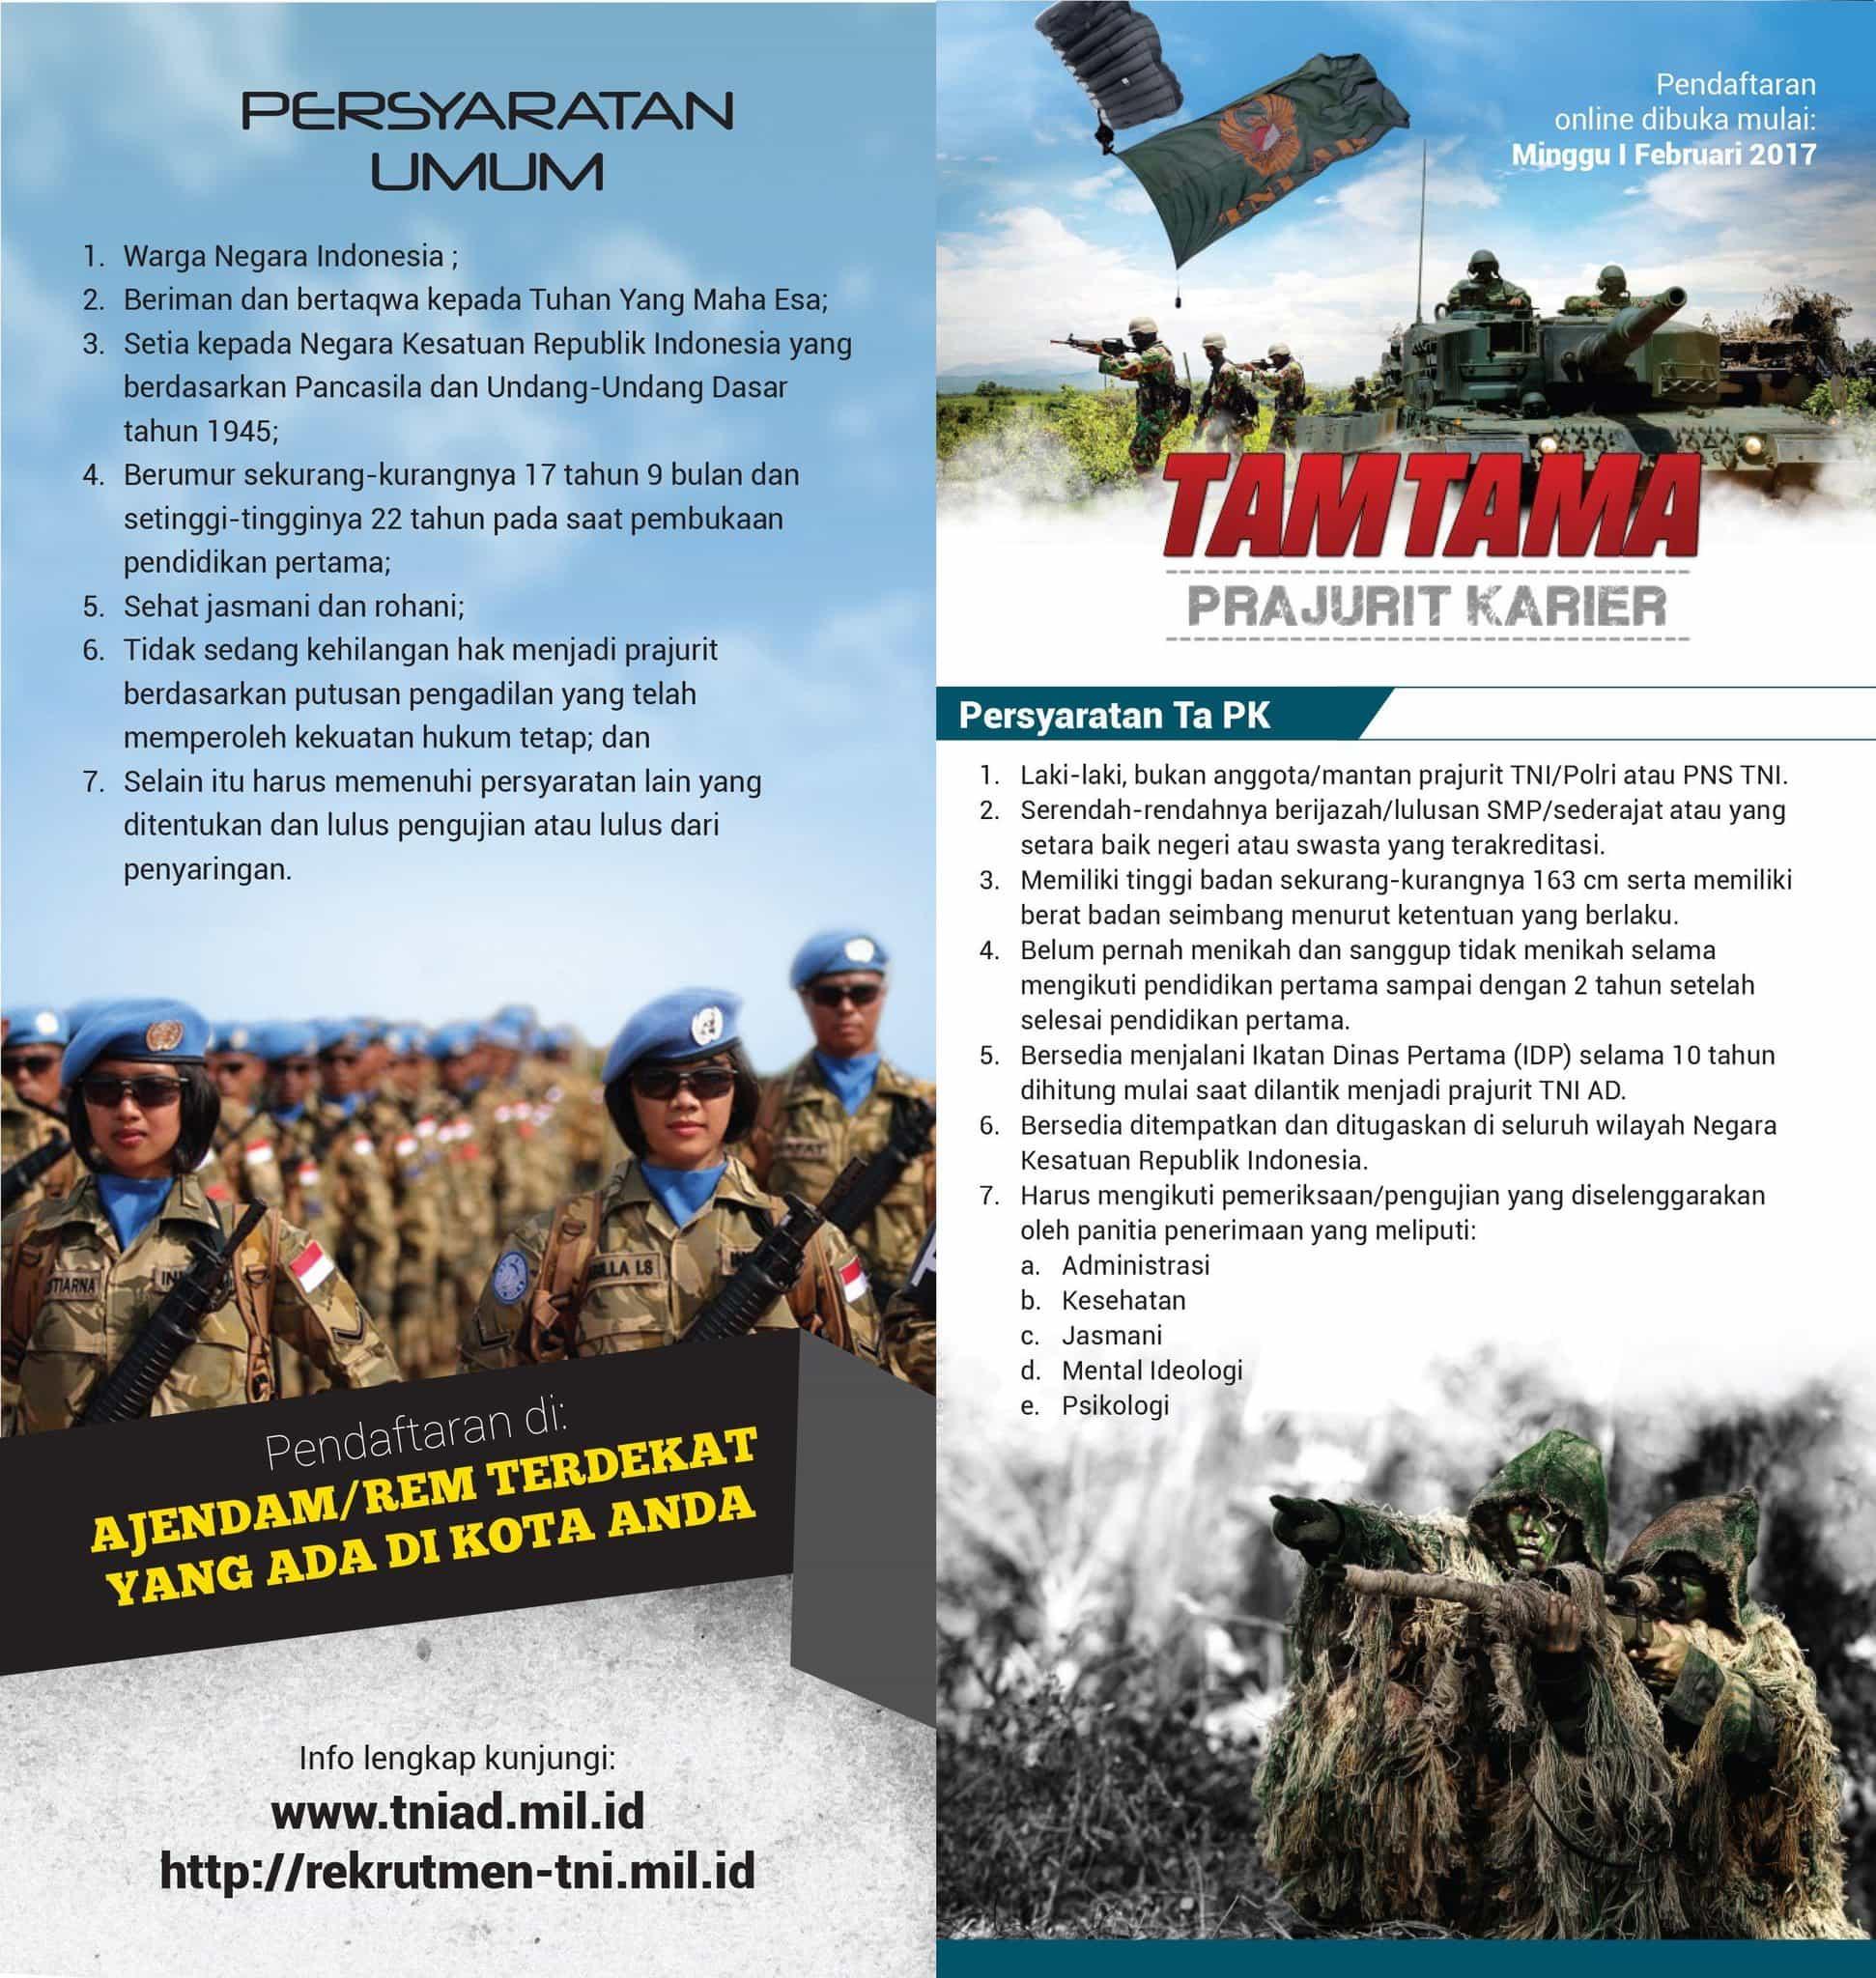 Ayo, Masih Ada Waktu Untuk Menjadi Calon Prajurit TNI AD